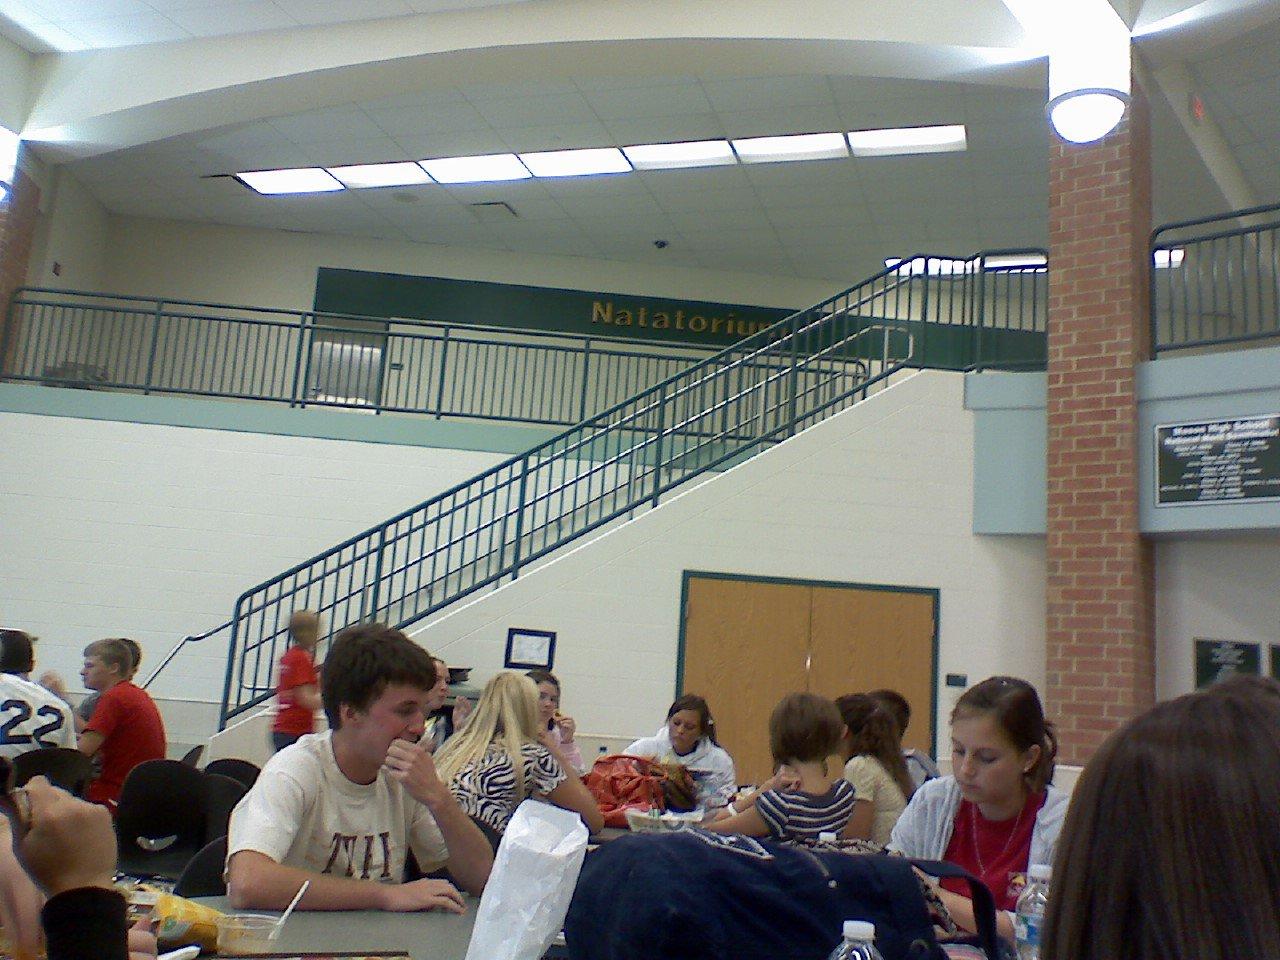 Rail n lunchroom